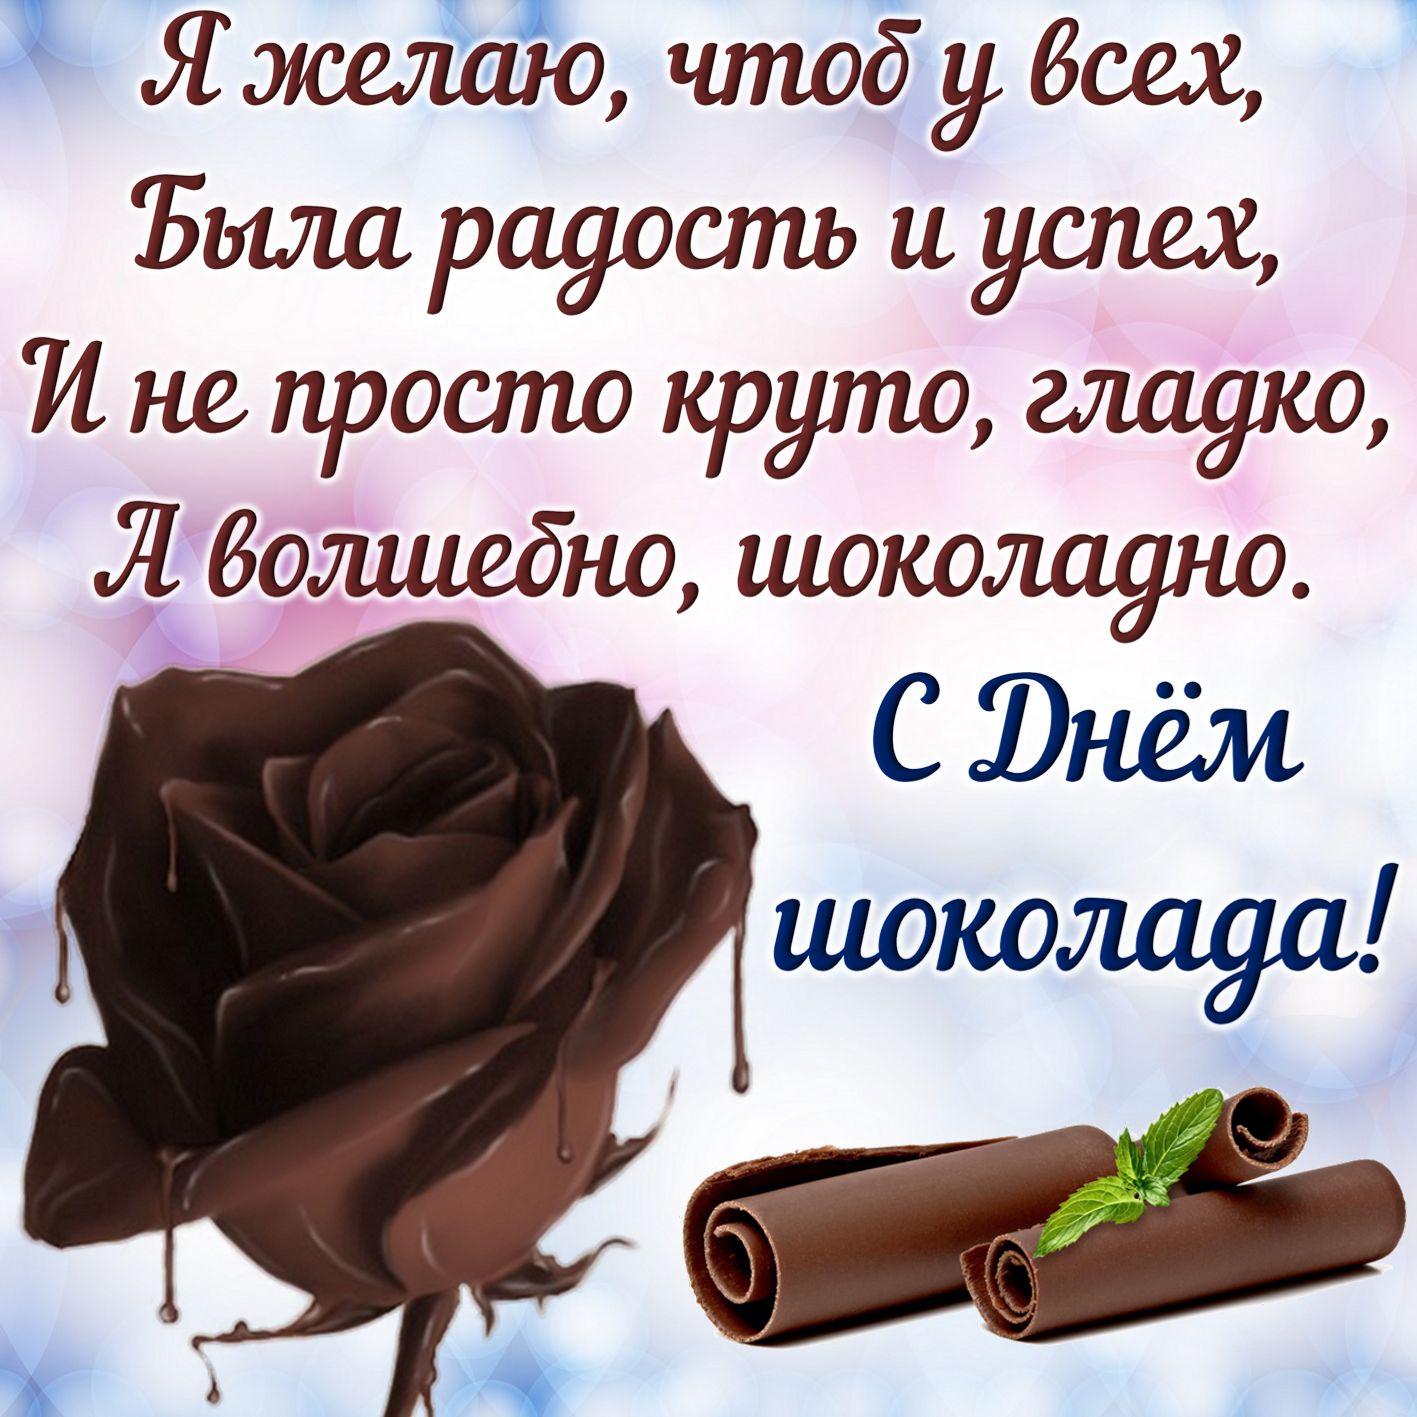 С днем шоколада картинки поздравления